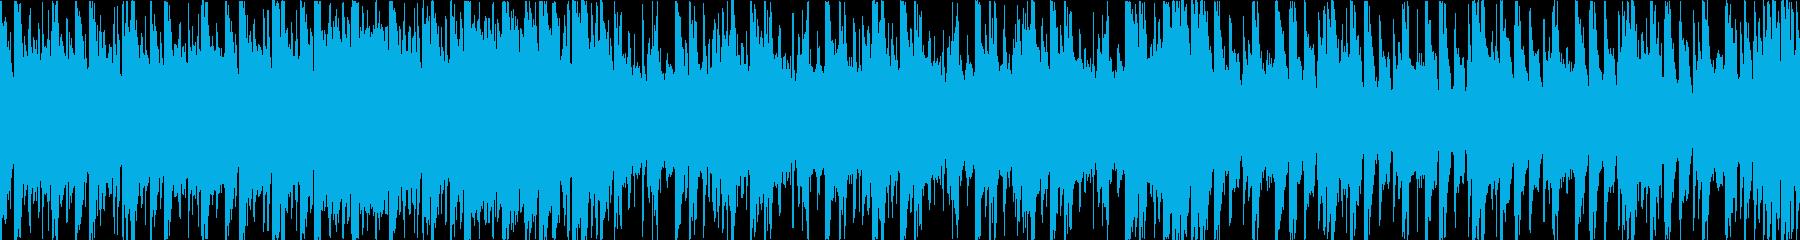 軽快なリズムに和楽器を乗せた和風ファンクの再生済みの波形